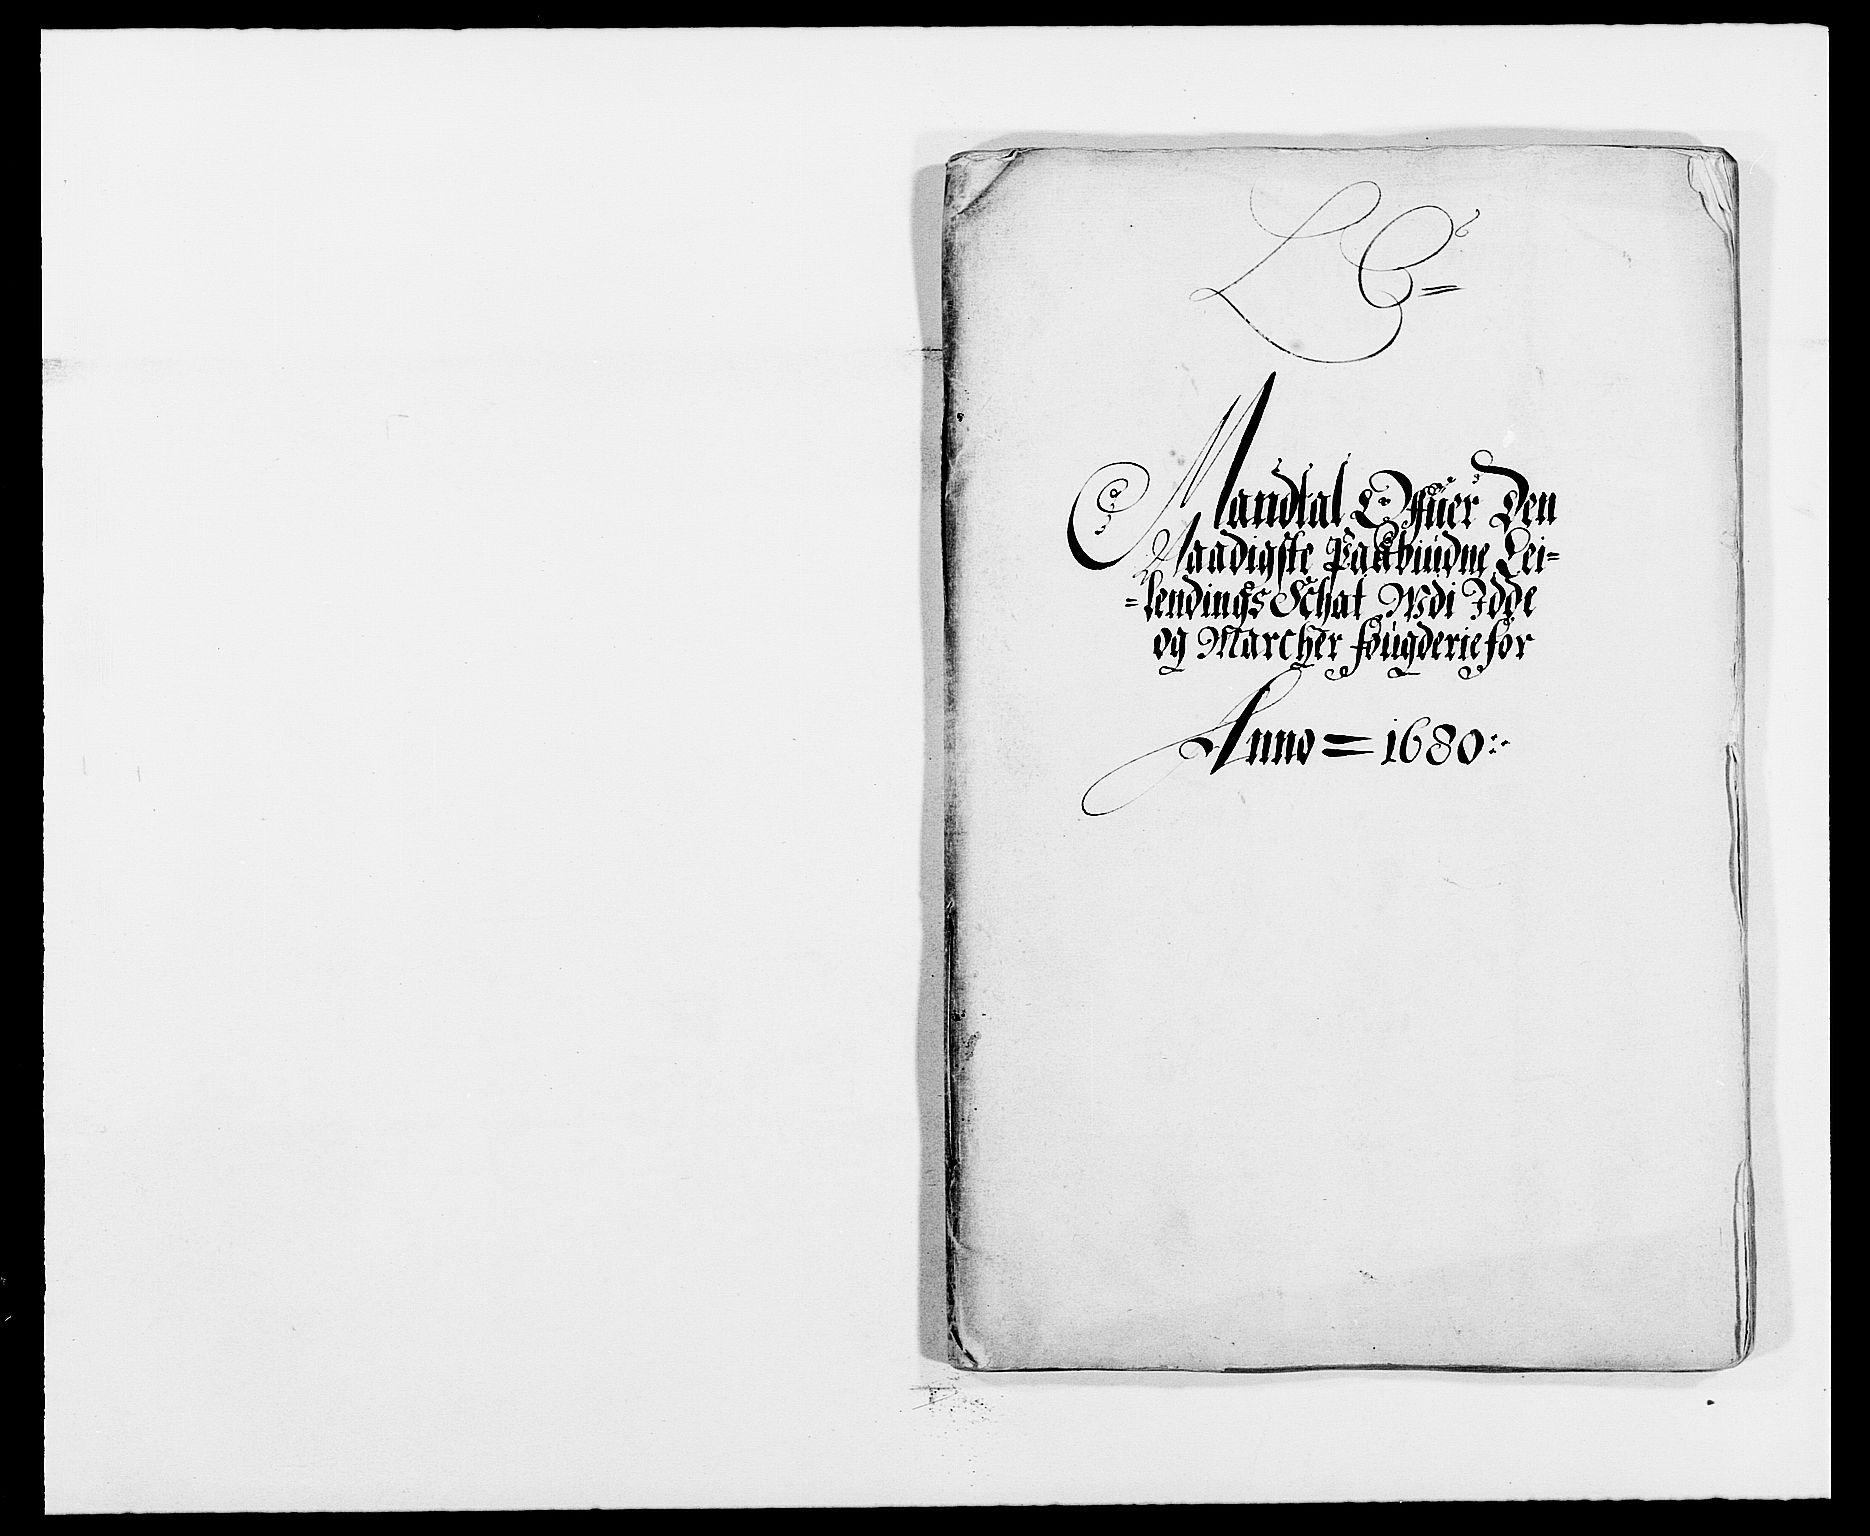 RA, Rentekammeret inntil 1814, Reviderte regnskaper, Fogderegnskap, R01/L0002: Fogderegnskap Idd og Marker, 1680-1681, s. 107